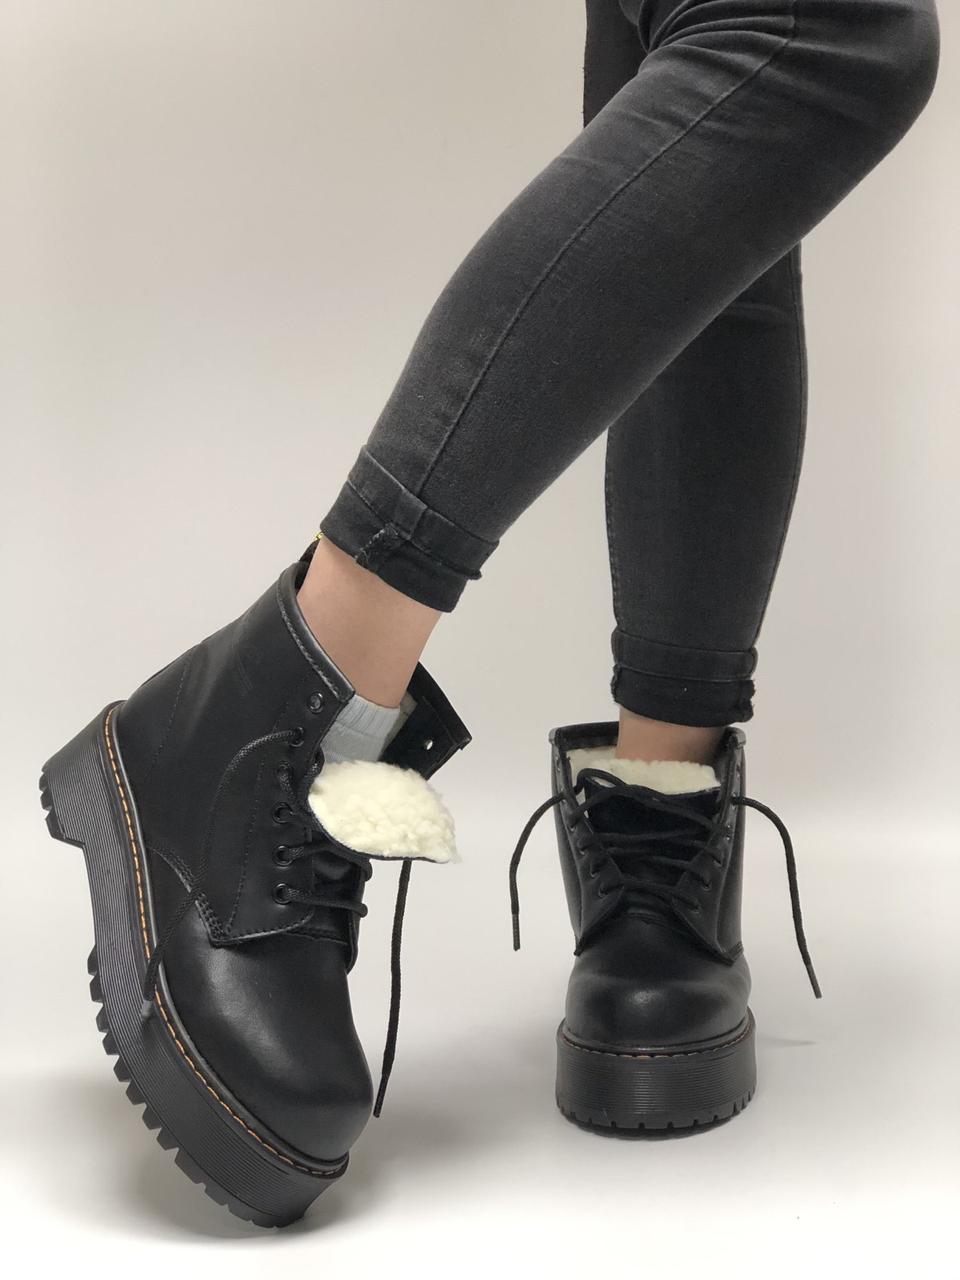 Женские ботинки Dr Martens Jadon в стиле Доктор Мартинс Черные НА МЕХУ (Реплика ААА+)